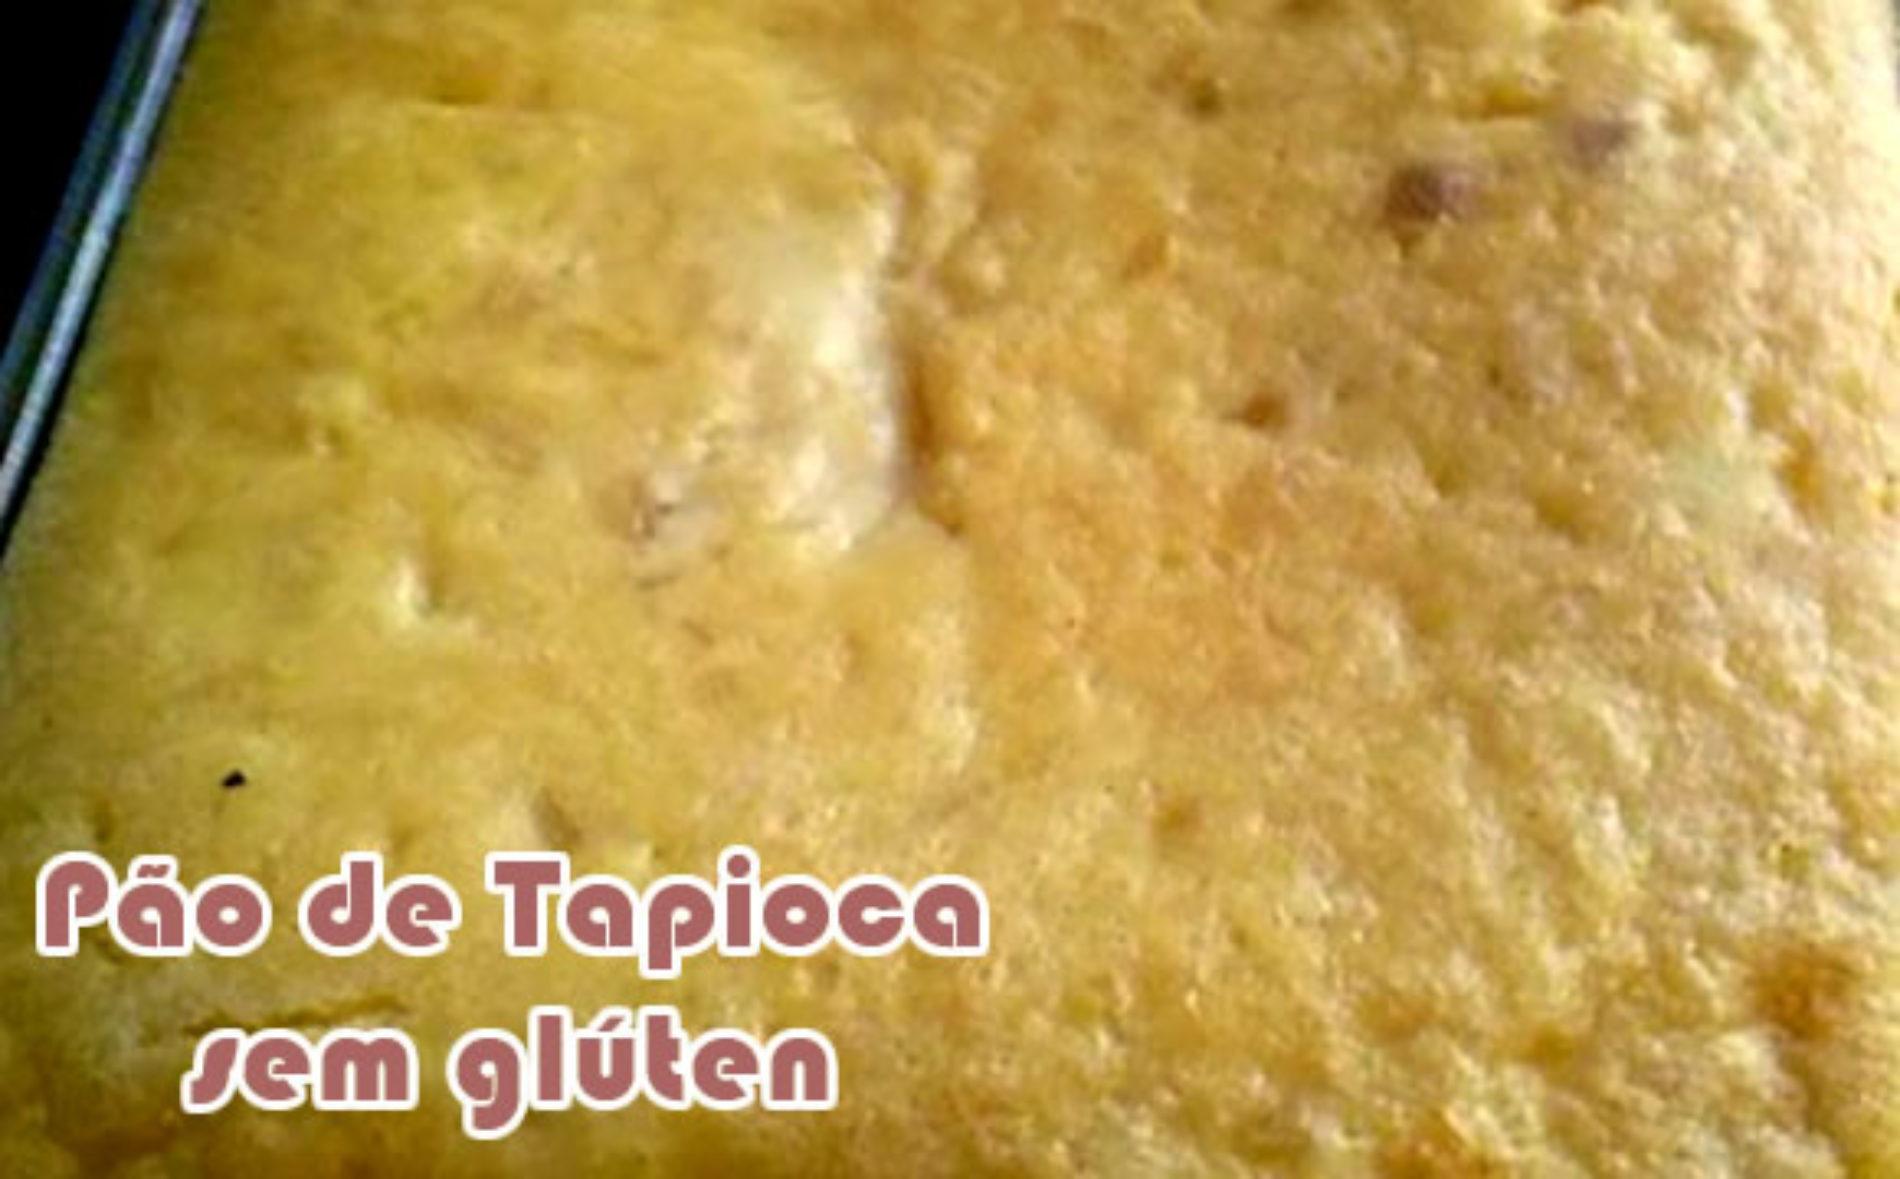 Pão de tapioca sem glúten – Receitas fit